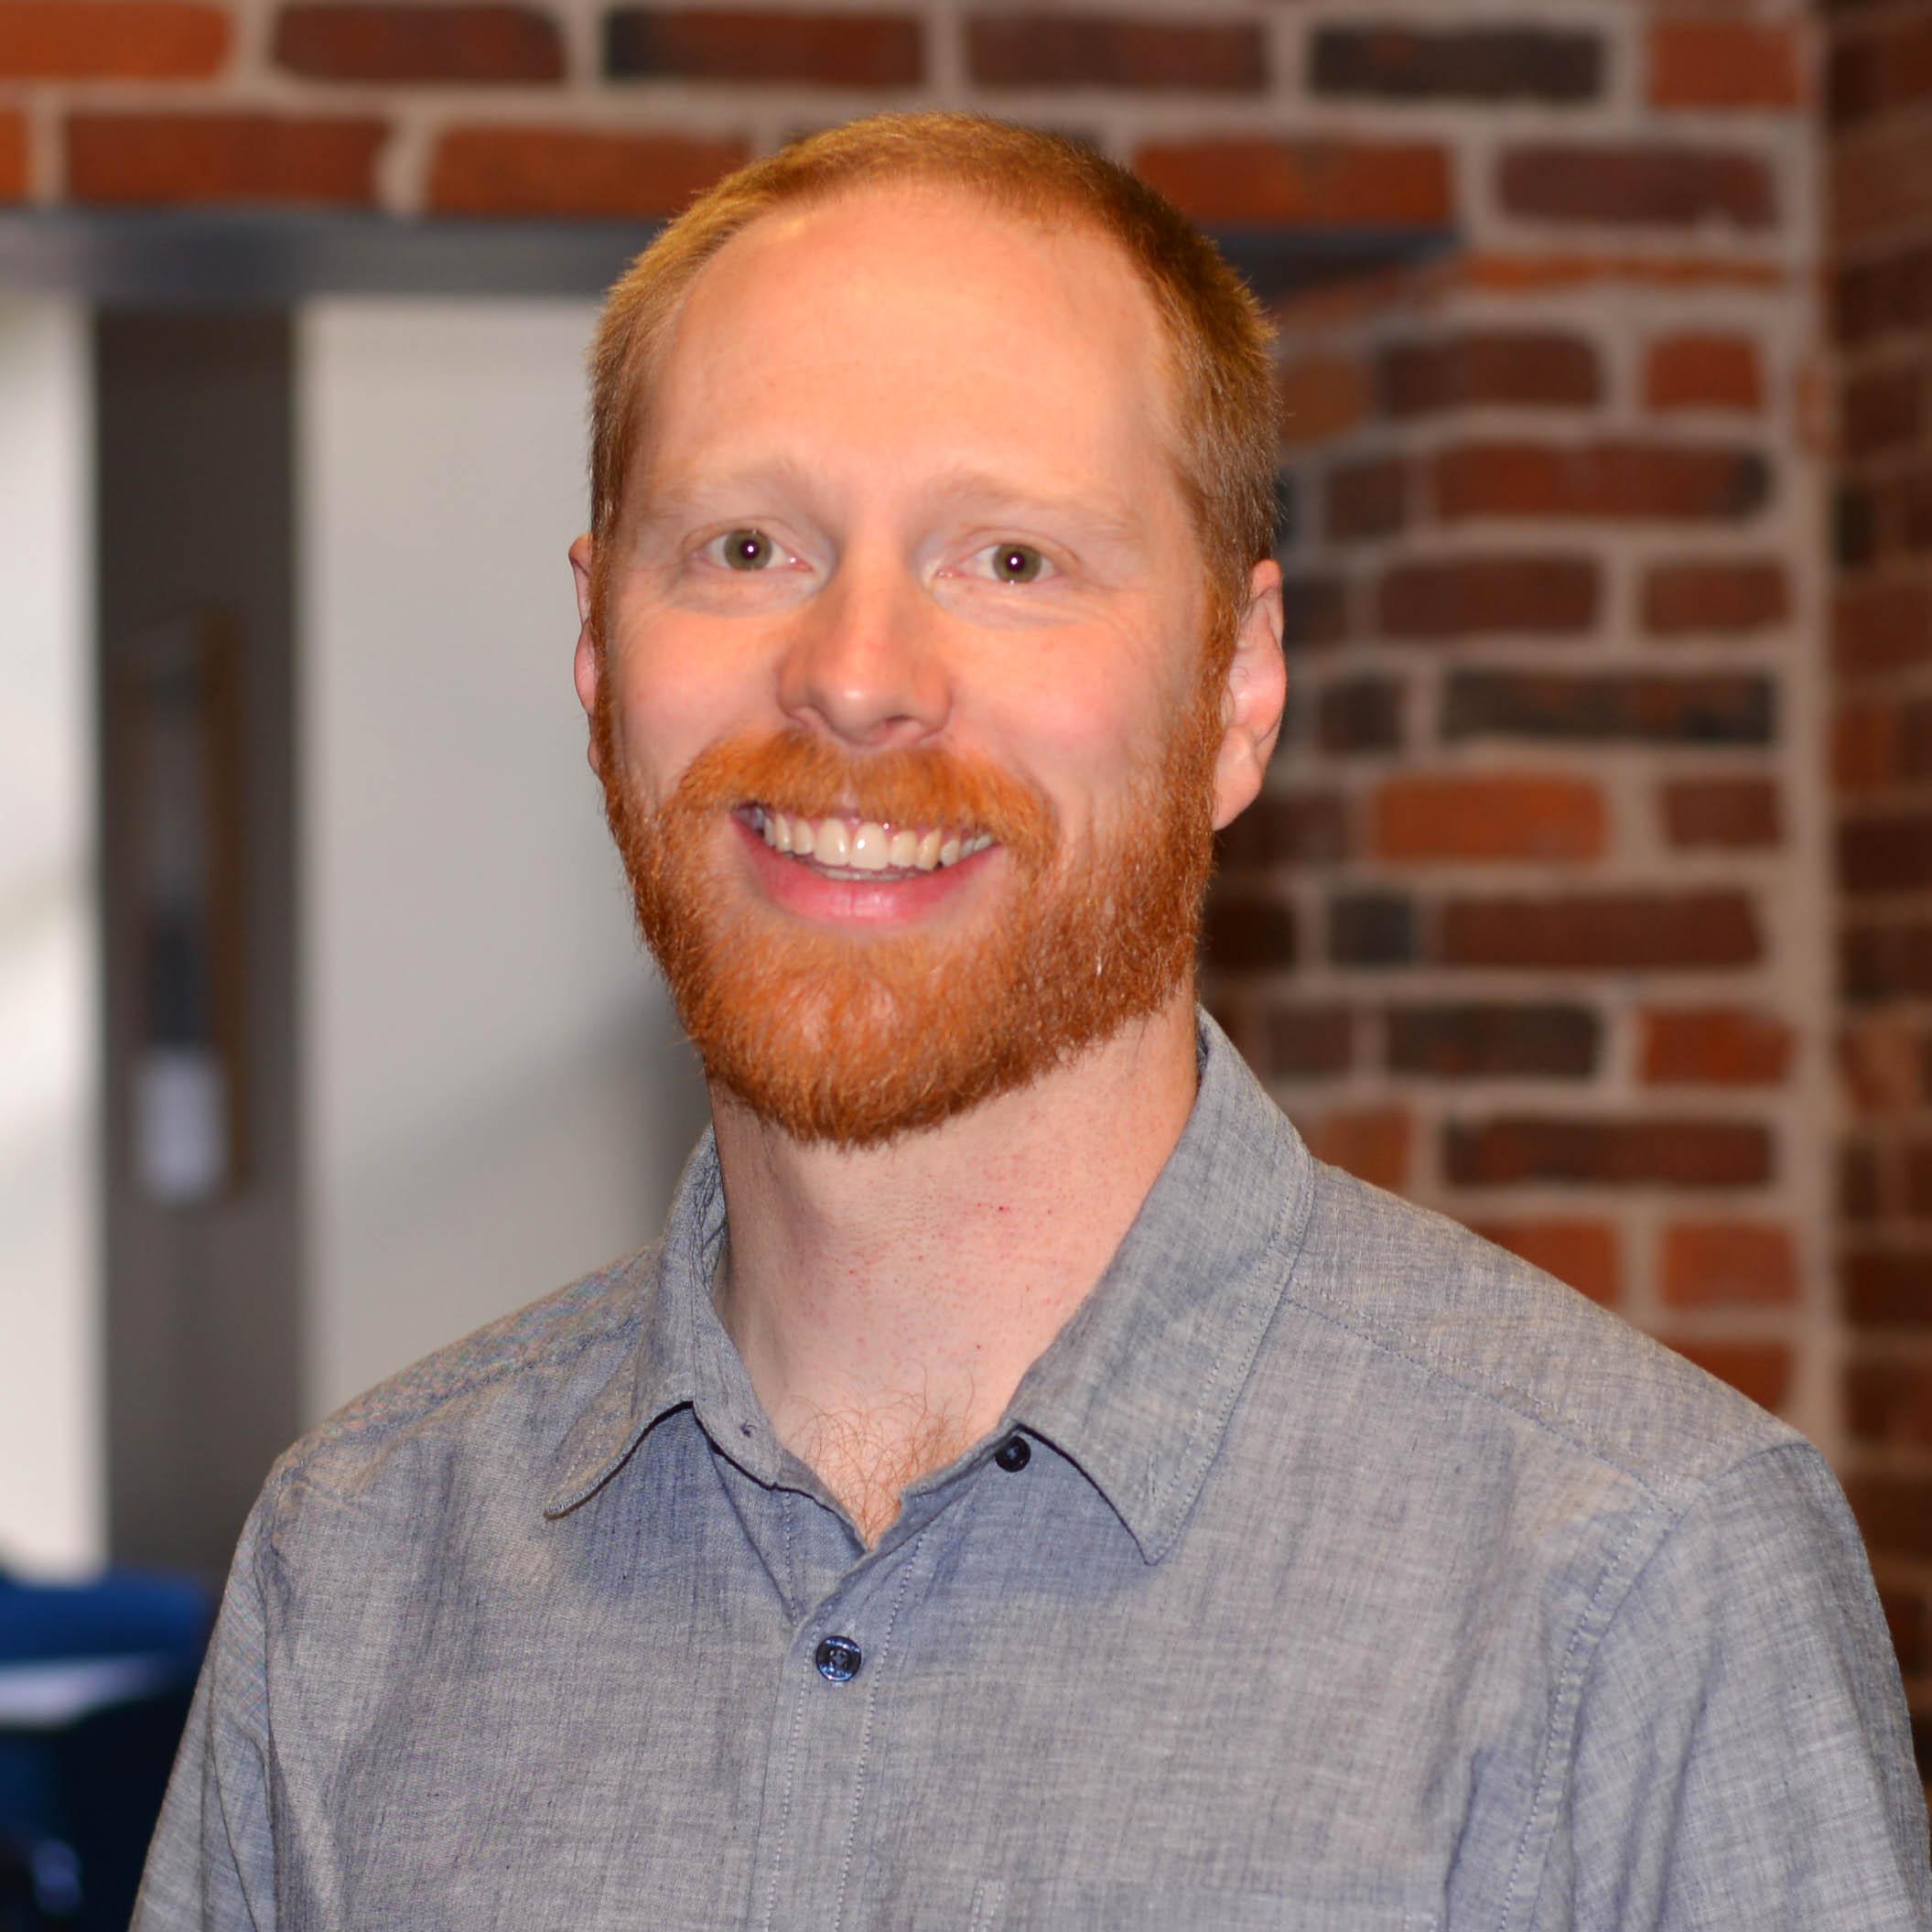 Scott Pattison